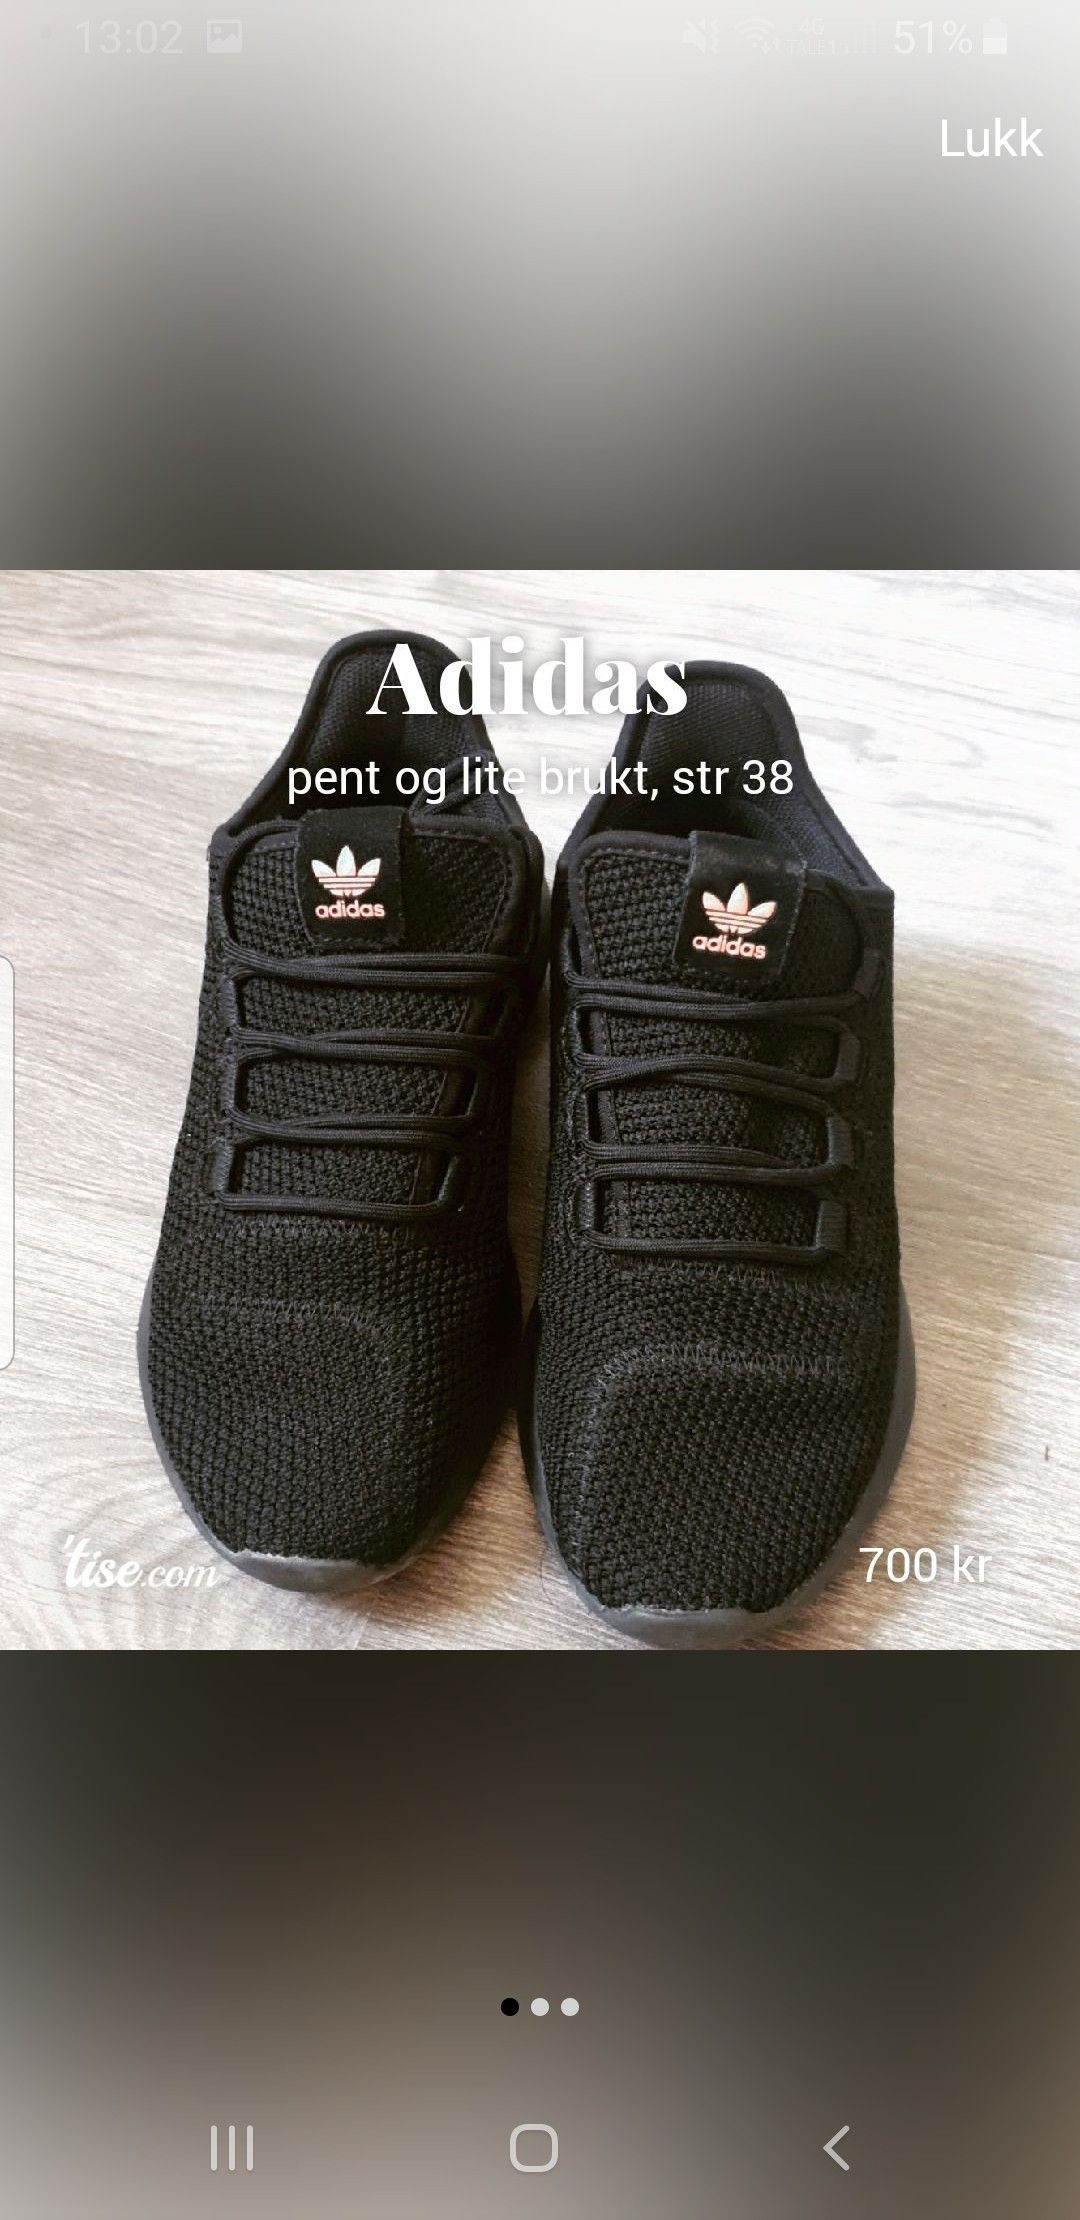 Adidas sko str 38. Halv pris, kun brukt 3 ganger | FINN.no